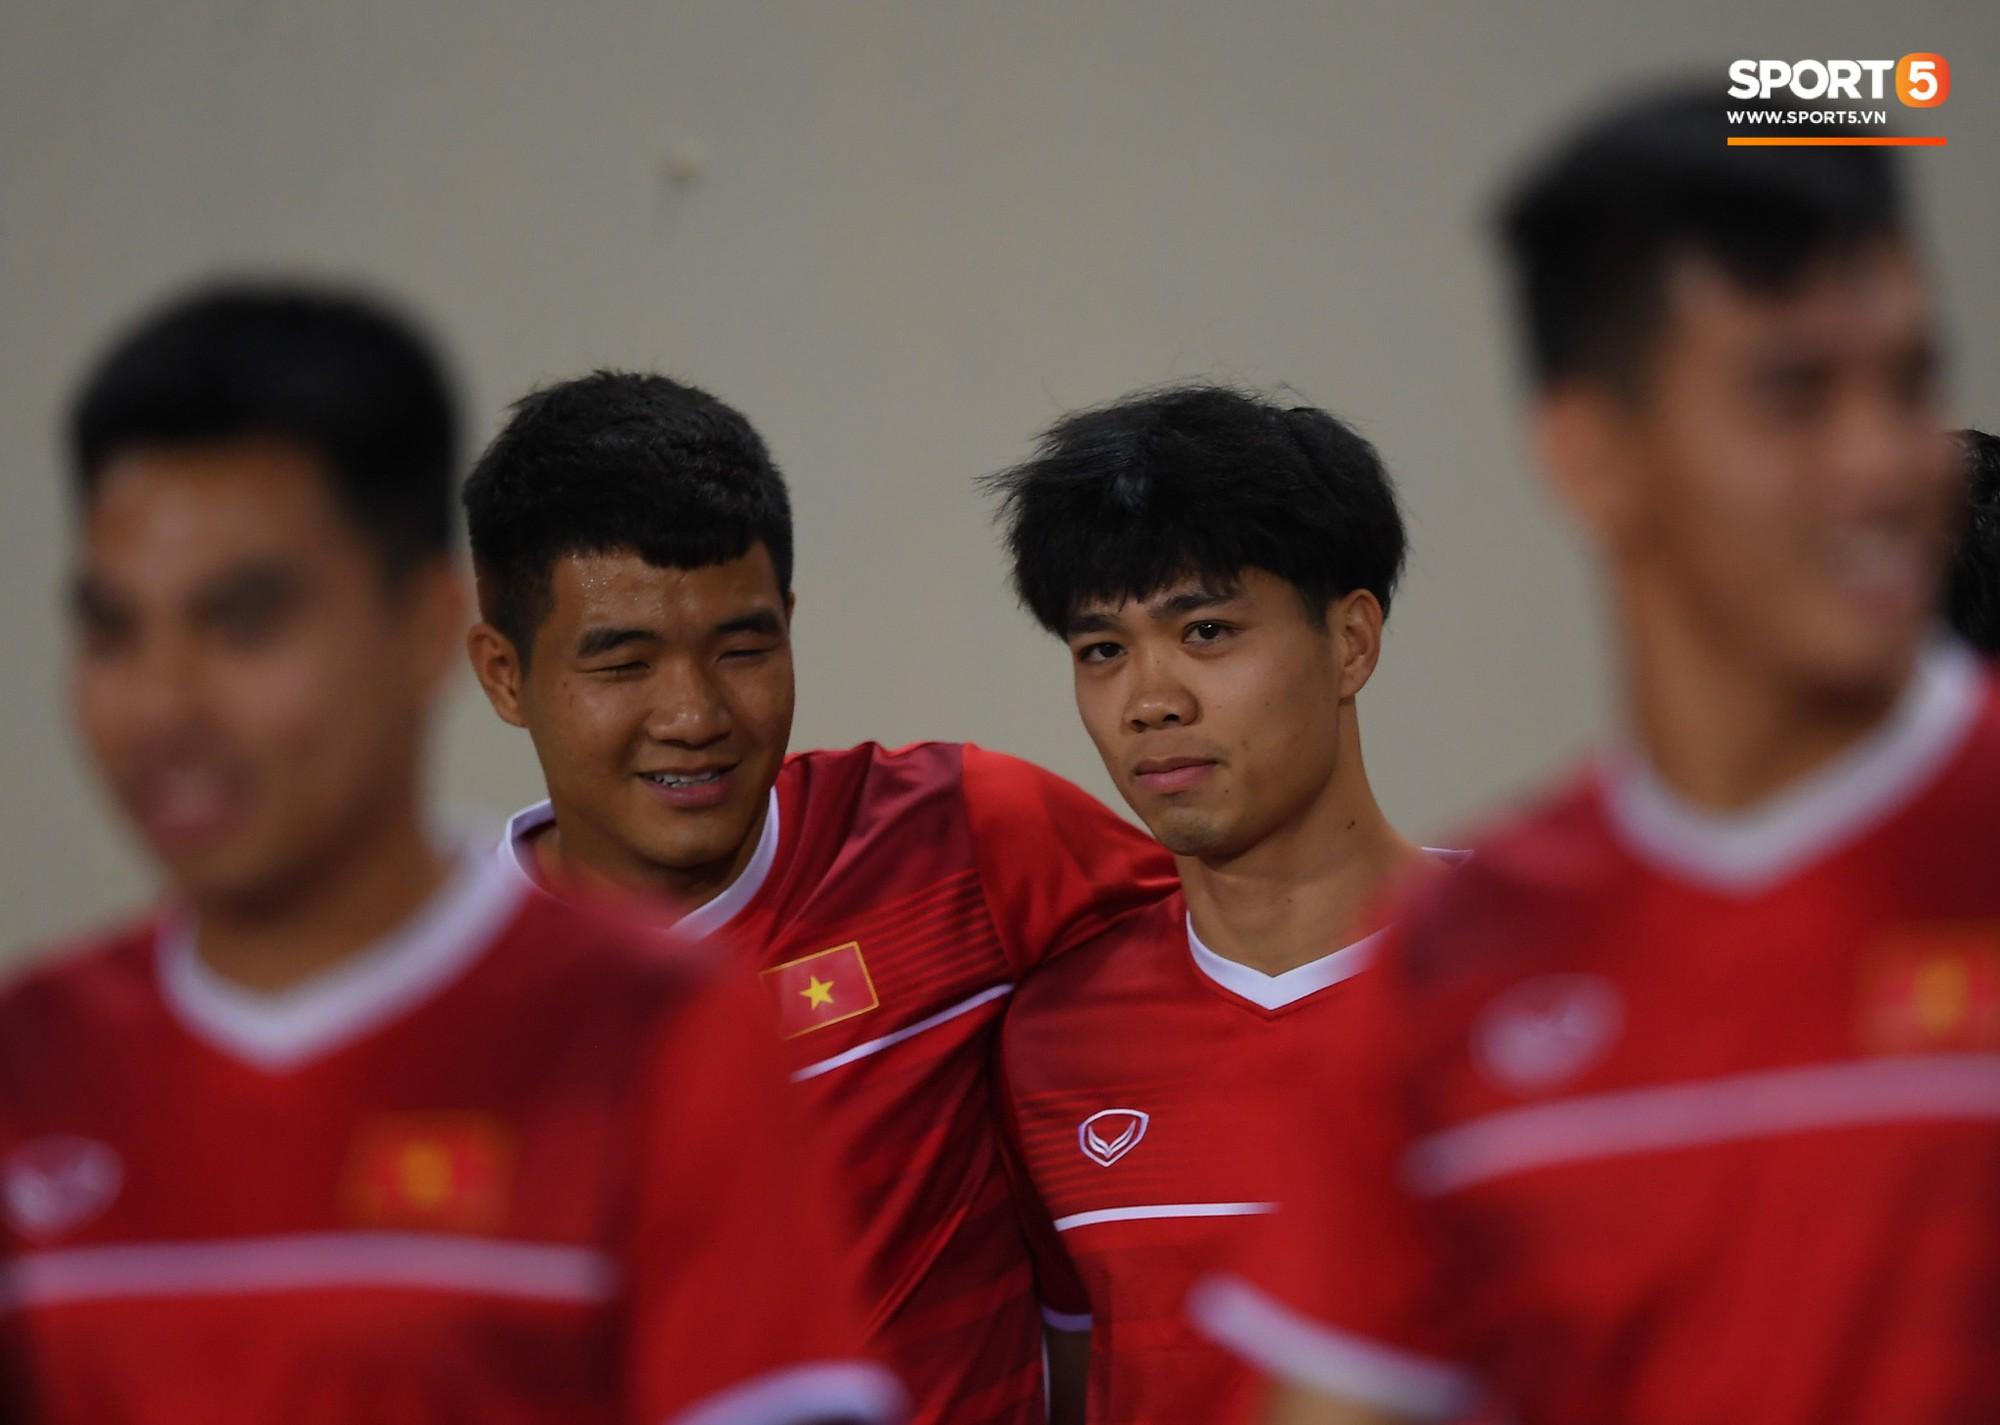 Công Phượng và Đức Chinh đang đứng trước áp lực khá lớn từ dư luận, khi cả 2 đều bỏ lỡ nhiều cơ hội thành bàn ở trận bán kết lượt đi gặp Philippines trên sân Panaad.